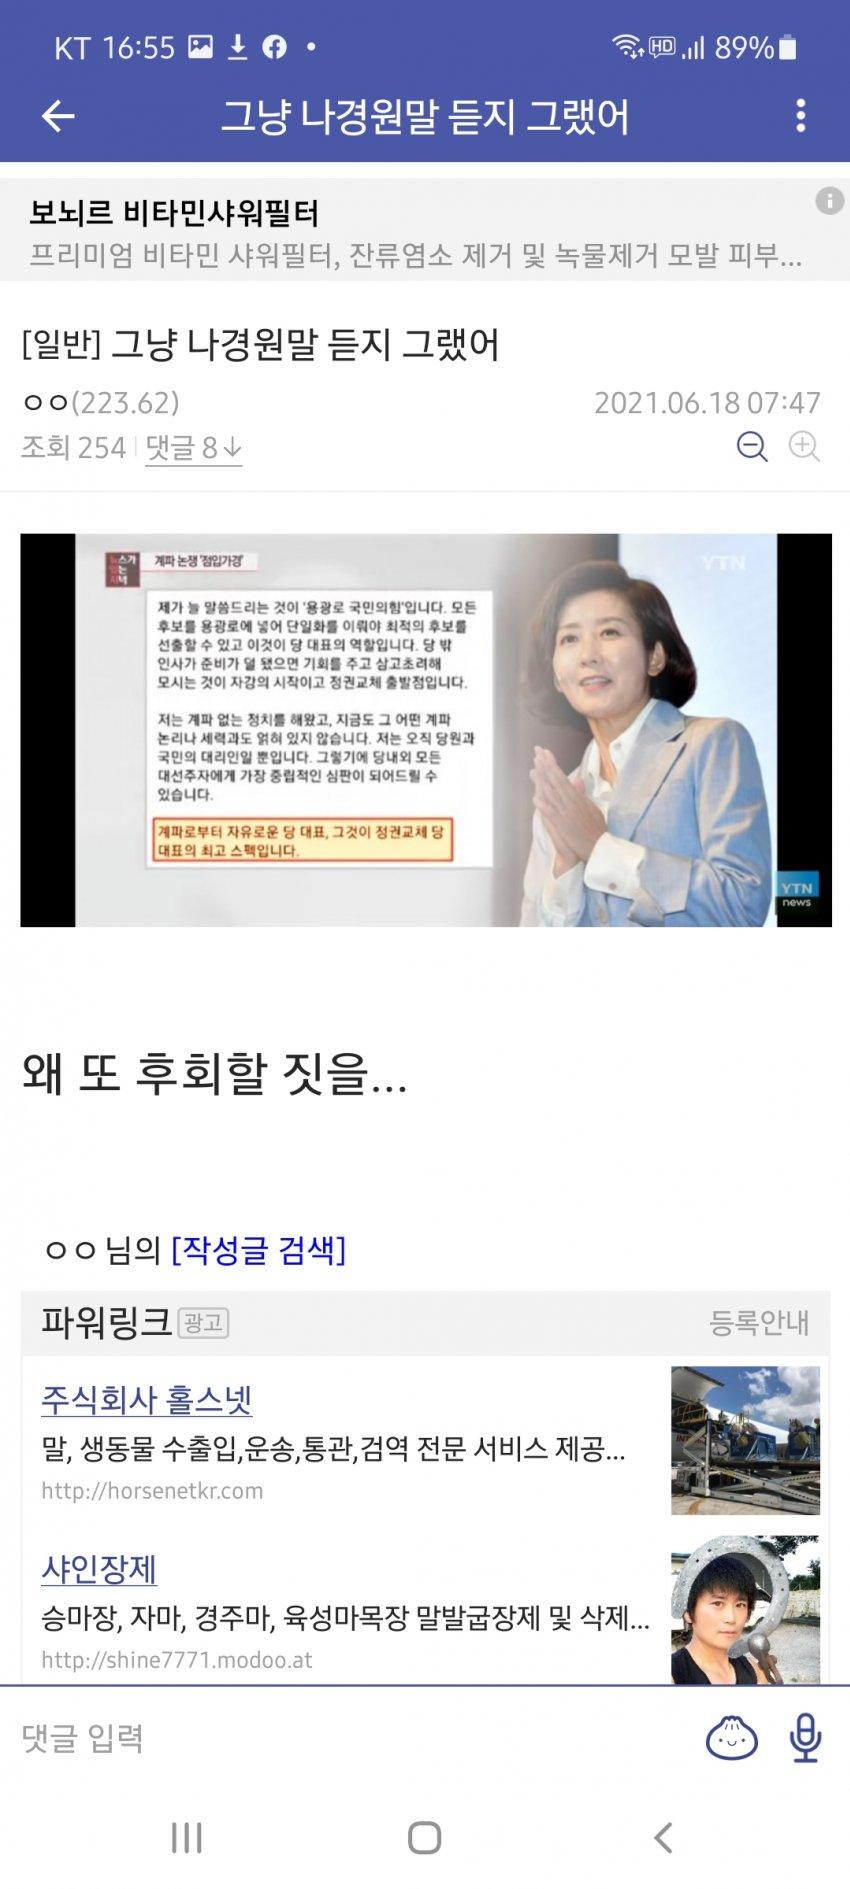 viewimage.php?id=2fbcc323e7d334aa51b1d3a24781&no=24b0d769e1d32ca73fec8ffa11d0283194eeae3ea3f7d0da351cf9d3408d70137354a4452d2c20fb8d3f9d87291c6ec461fe4a4fe4dd8346bea27a6ed64f7bc2d1fc96a80c23b9a5c399e8bddc49e512ef599b3184a0f24c59b56985923a337ca72164bd